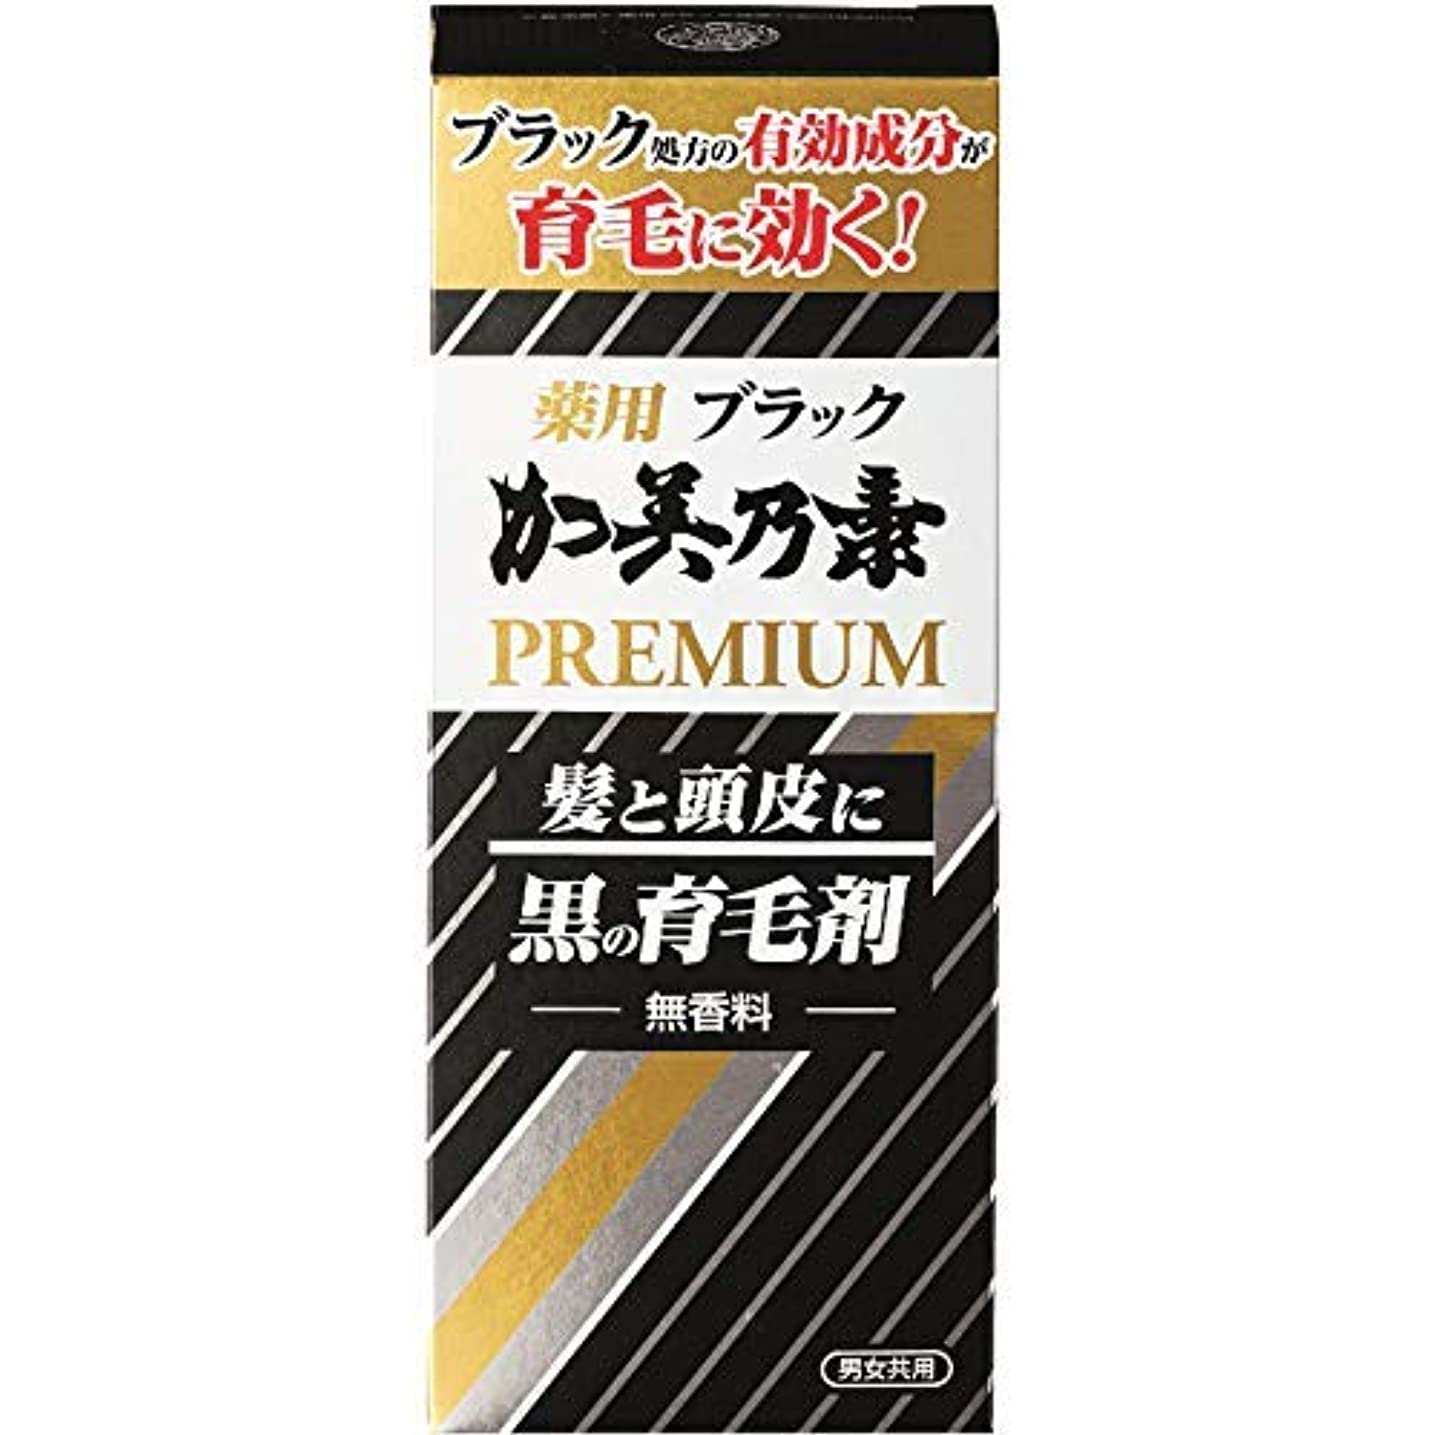 兵器庫プロットロバブラック加美乃素 プレミアム × 9個セット